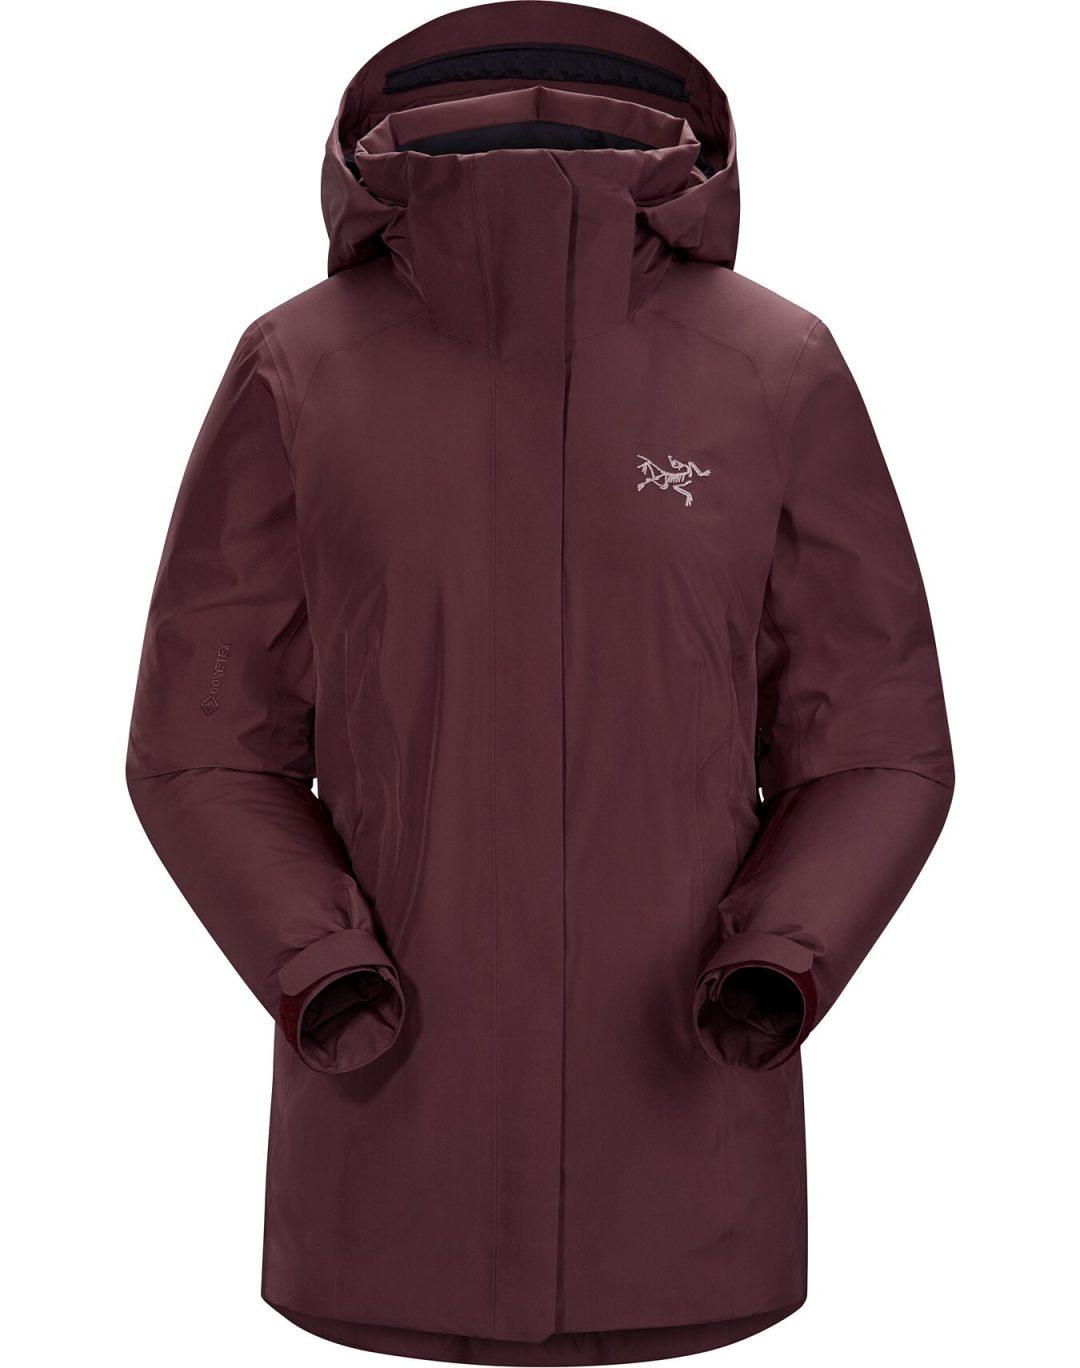 Luxury ski coat for women by Arc'teryx